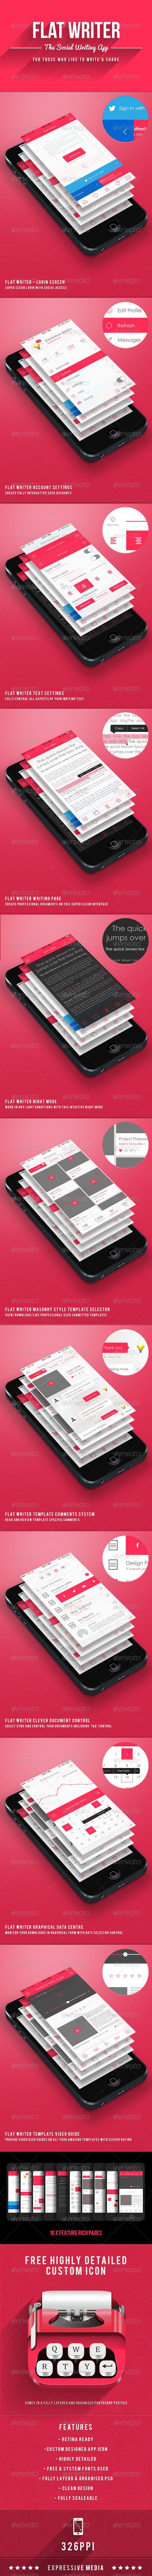 Flat Writer - Social Writing App User Interface